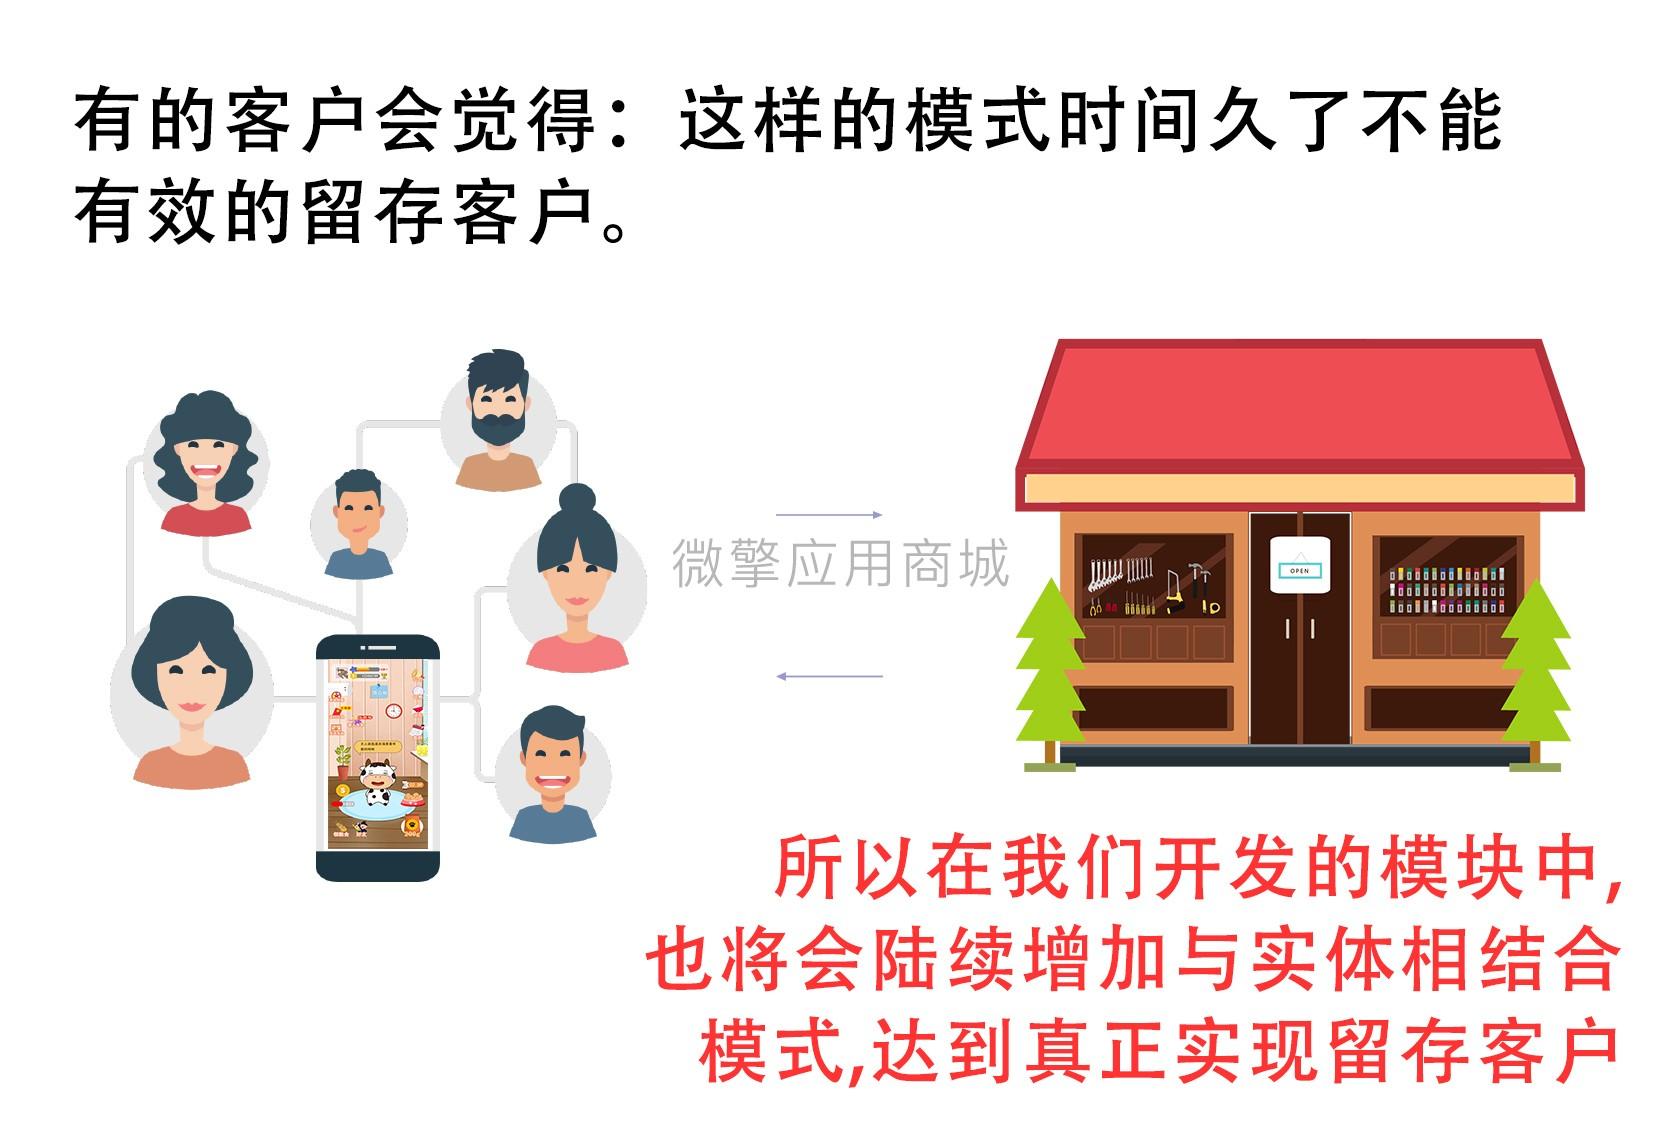 农场产品图_14.jpg